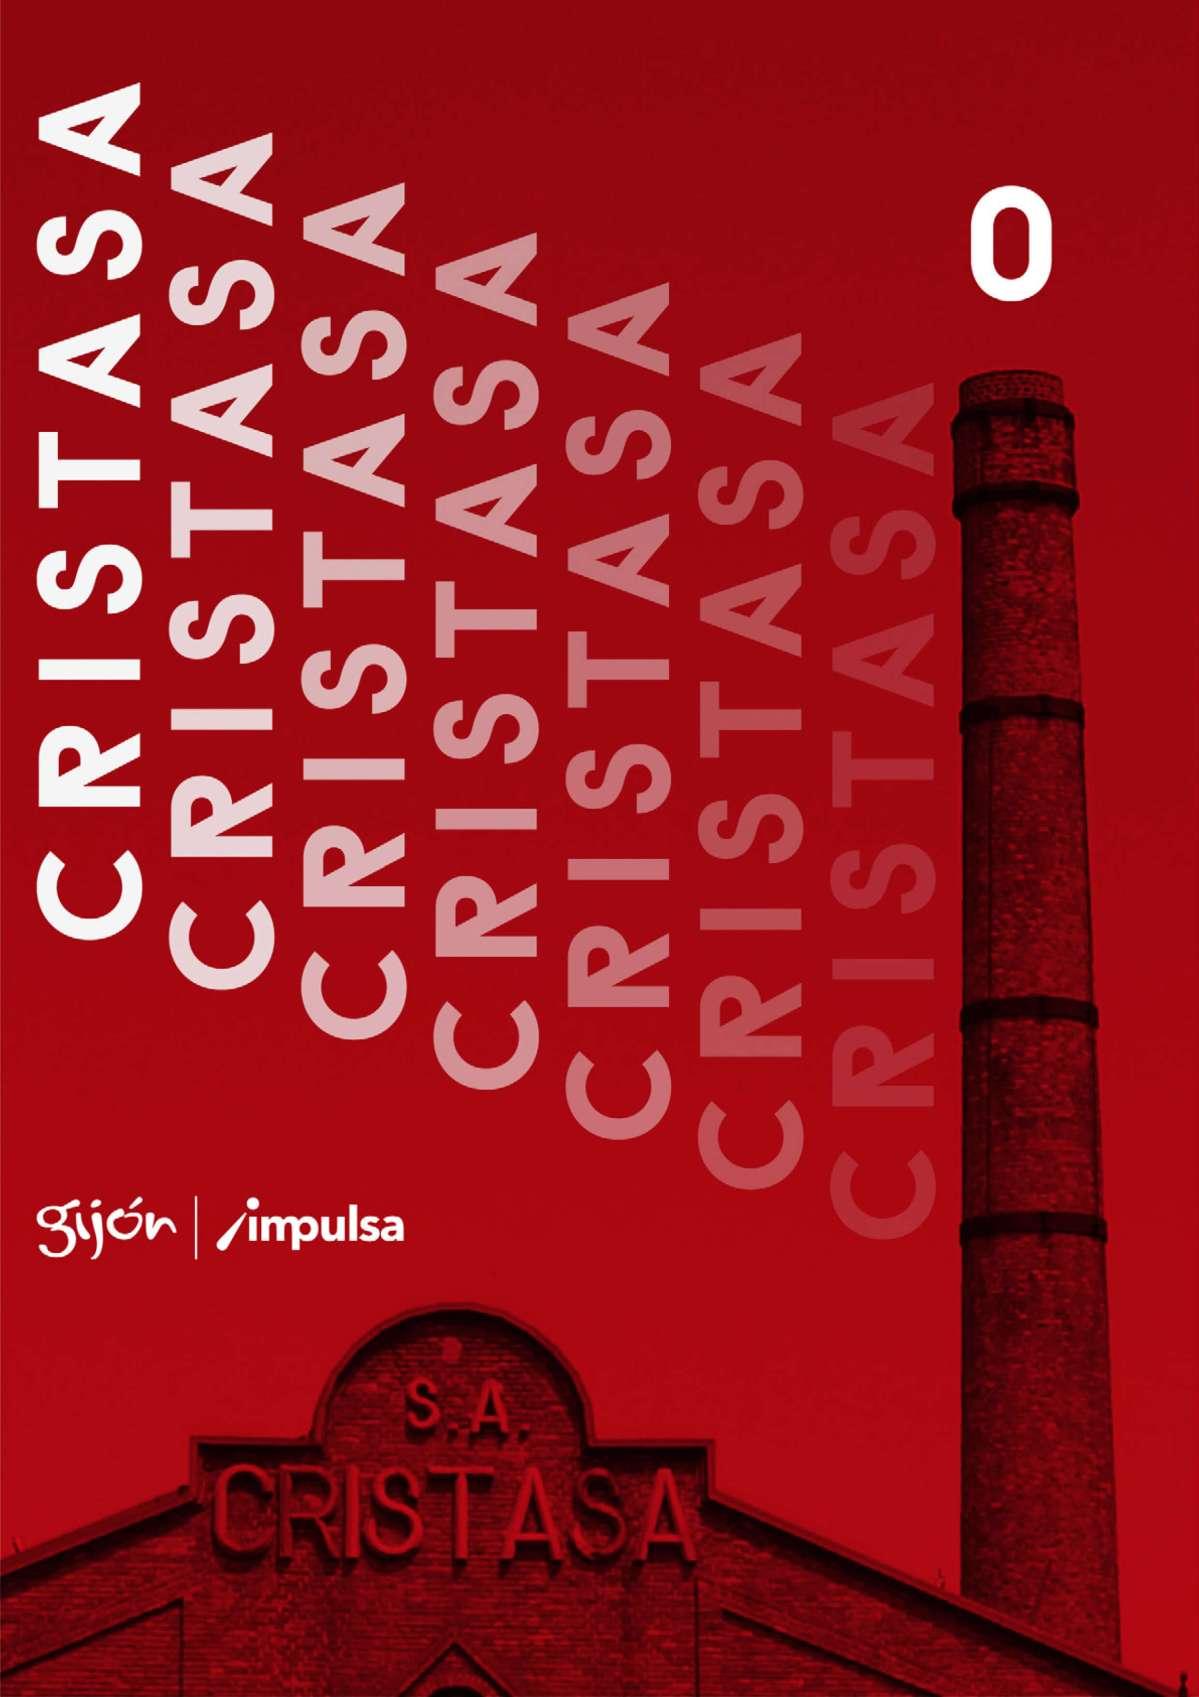 Revista CRISTASA Número 0 Gijón Impulsa